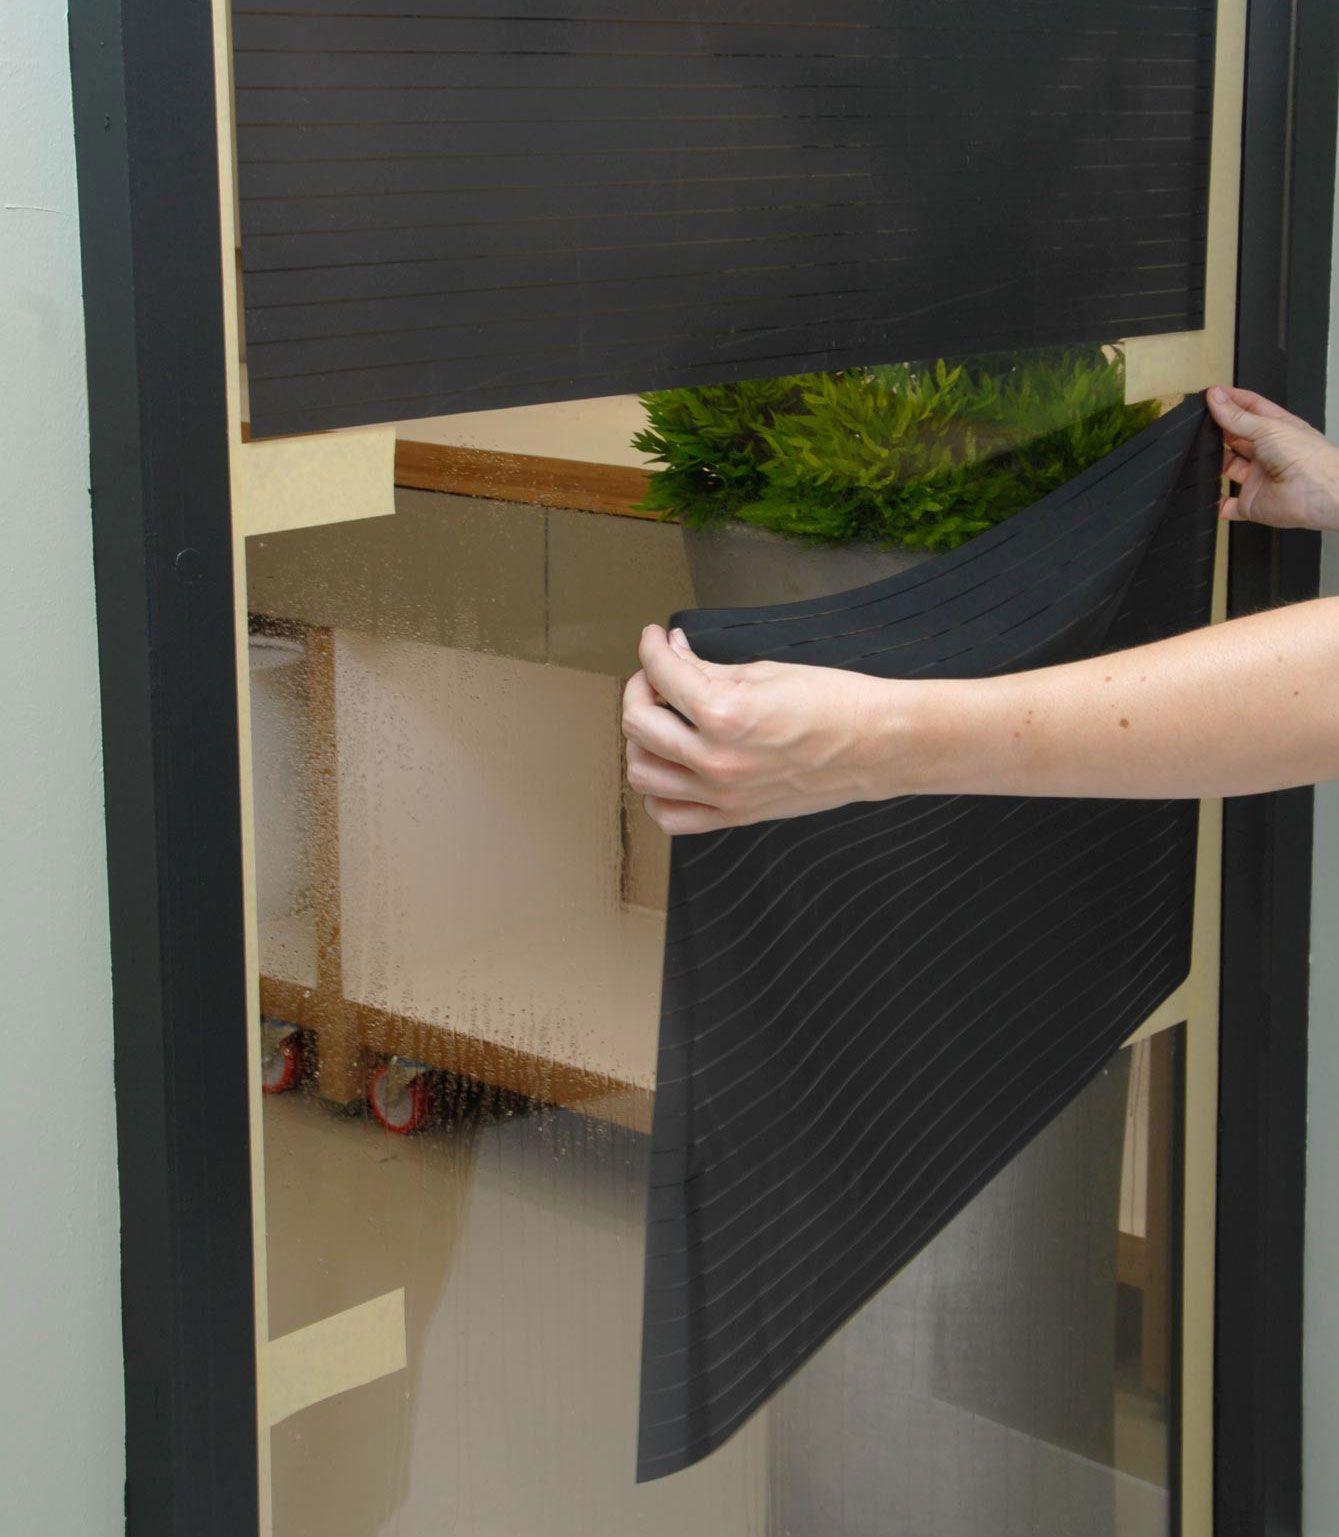 Comment placer du vinyle ou une feuille adhésive sur du verre